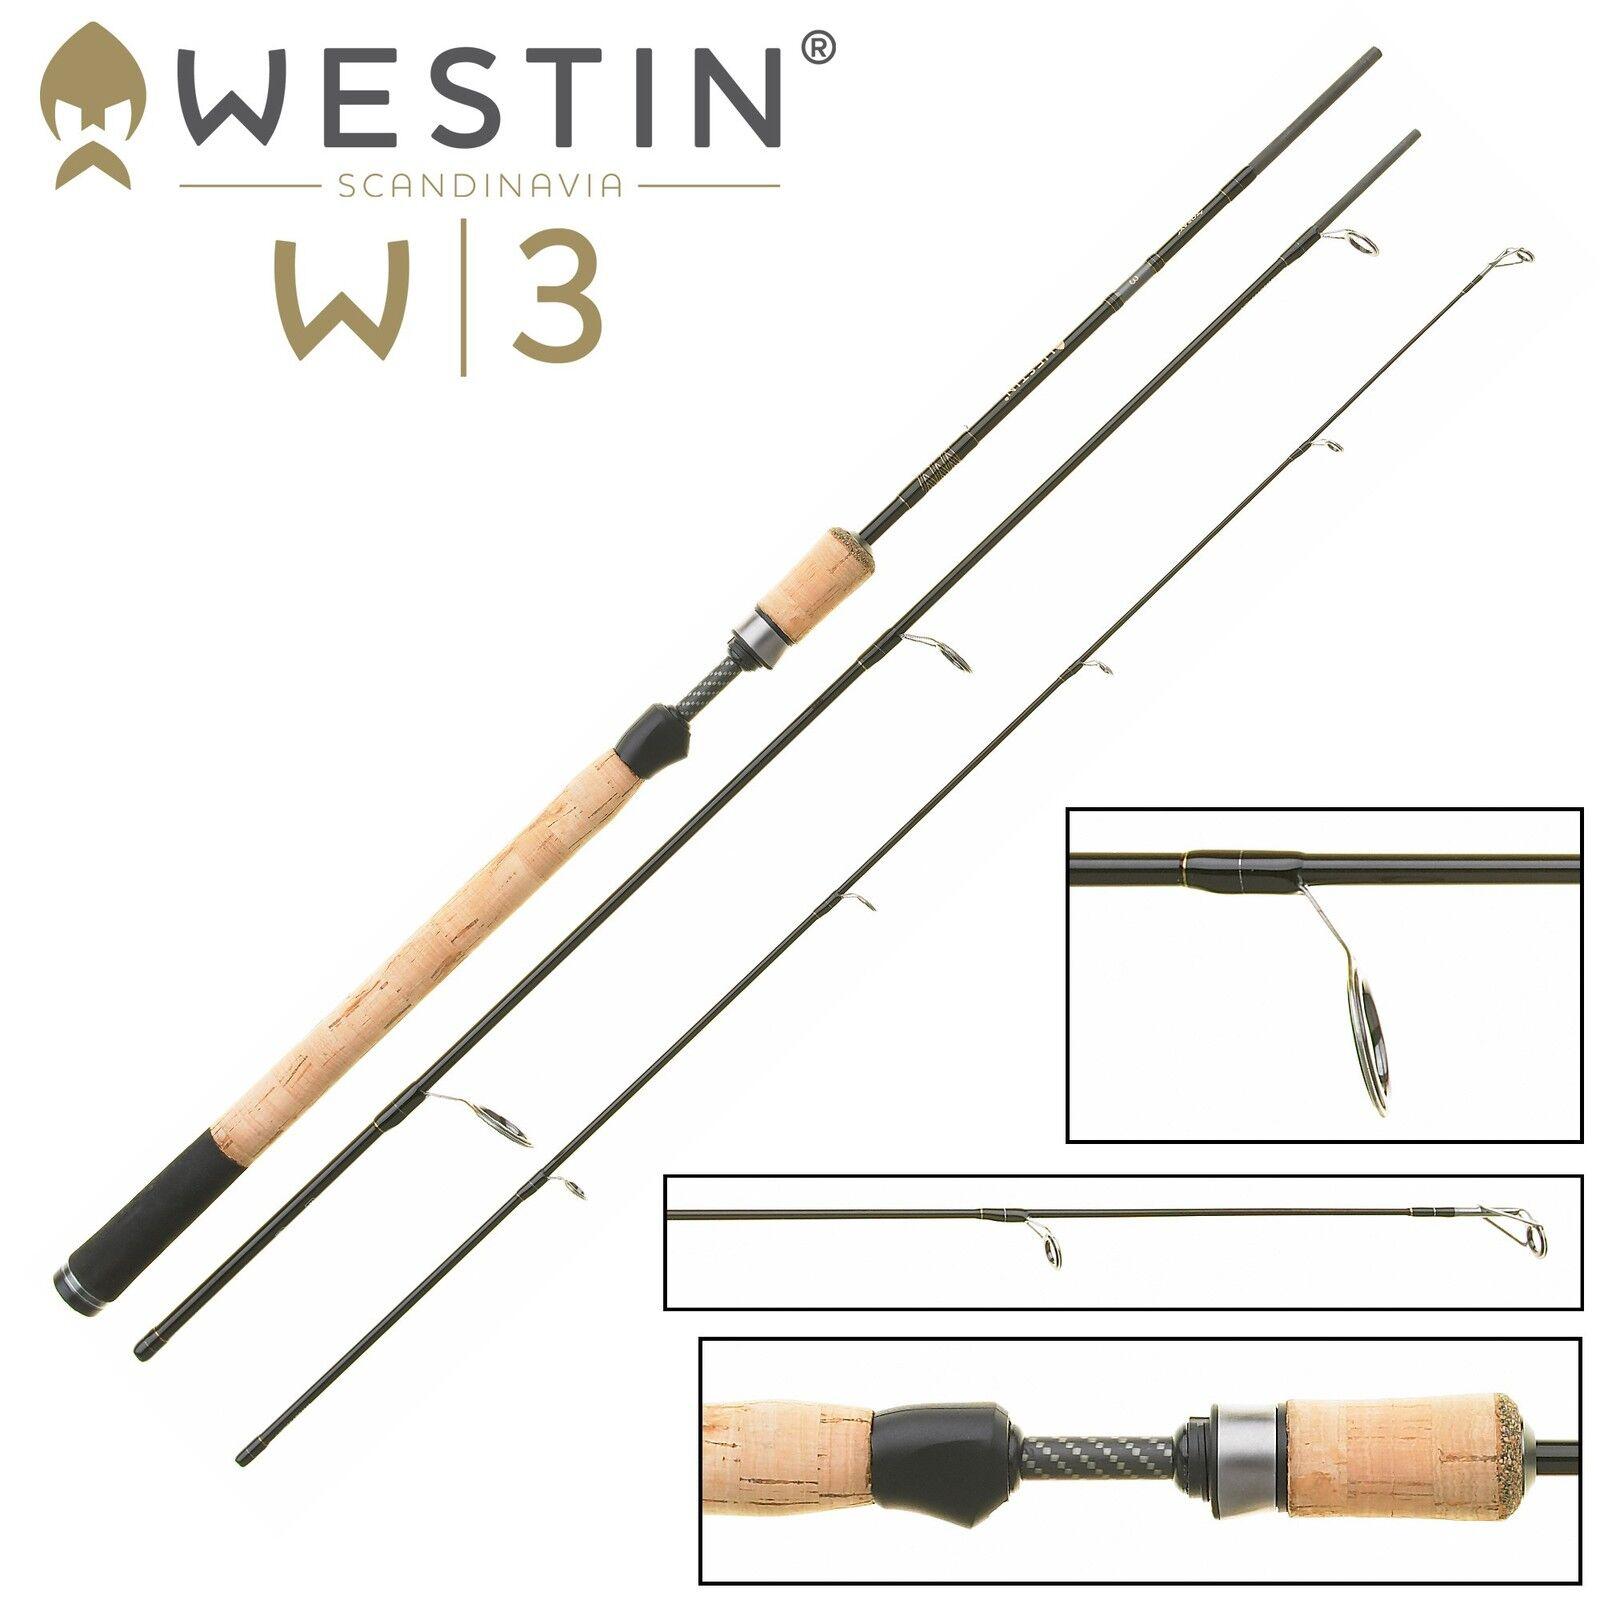 Westin Westin Westin W3 Spin M 270cm 7-30g - Spinnrute zum Spinnfischen, Meerforellenrute e0e61d